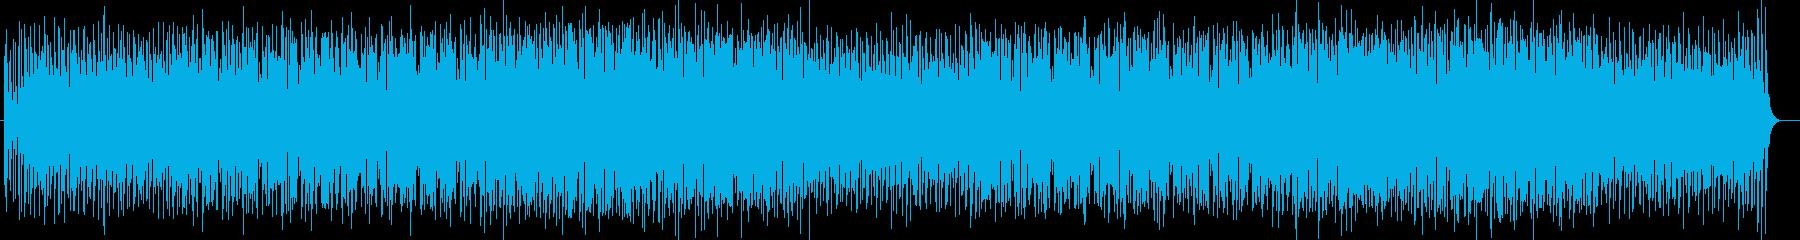 トロピカルなシンセサイザーなどのサウンドの再生済みの波形